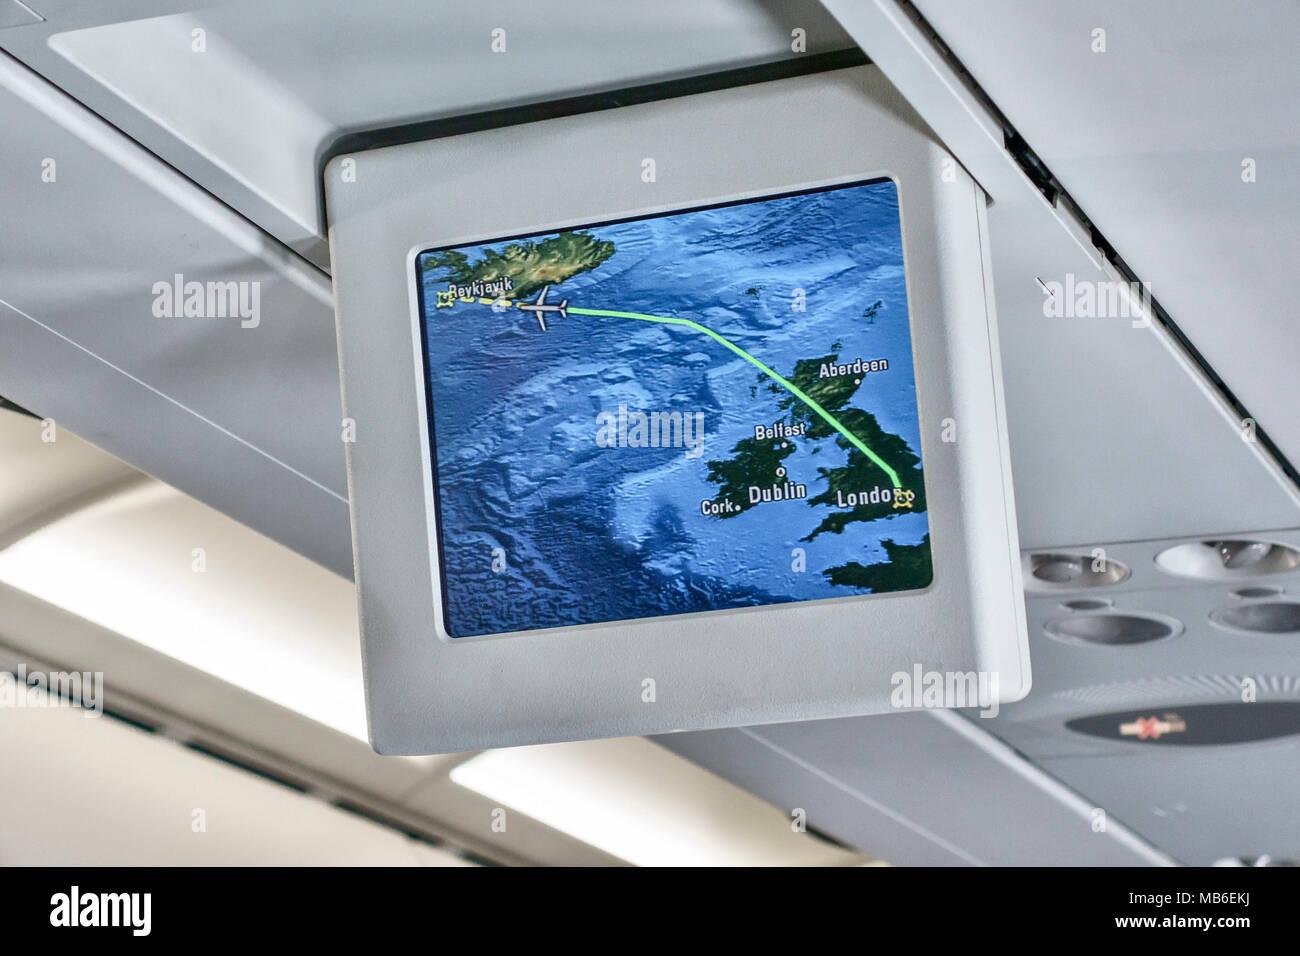 Interior de un British Airways Airbus A320, mostrando una pantalla mostrando la ruta de vuelo desde Londres a Reykjavik Imagen De Stock